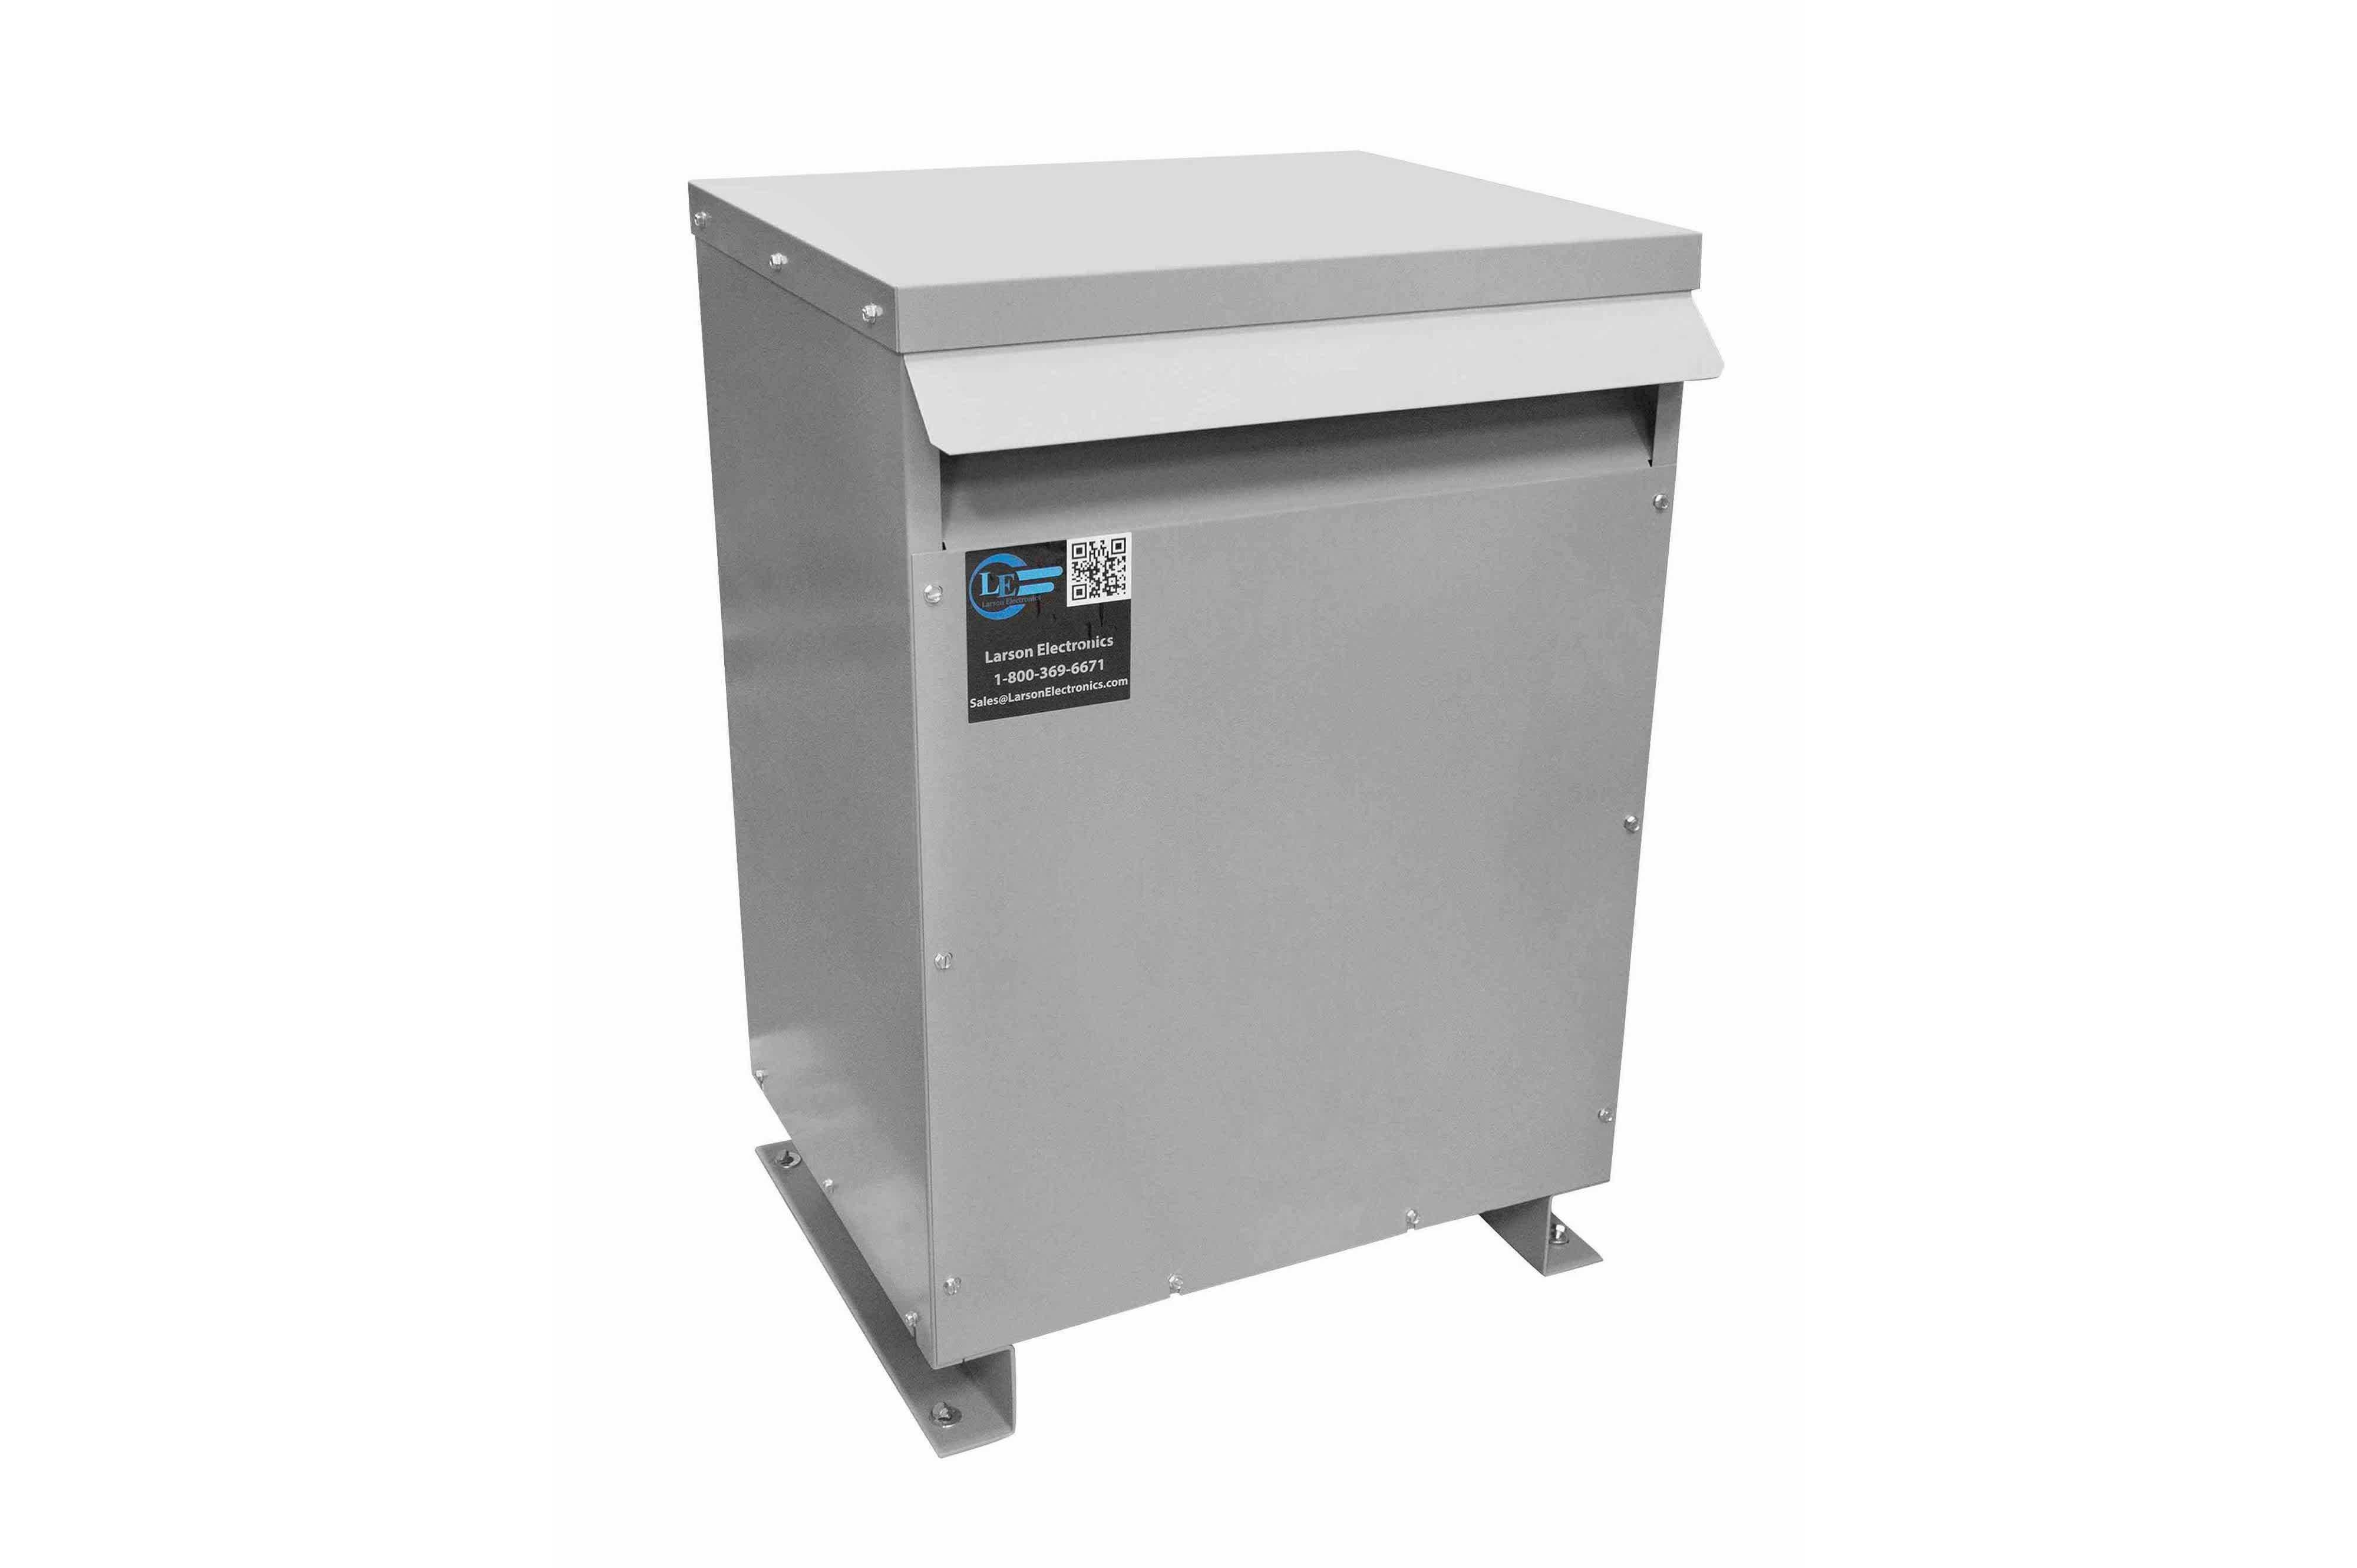 150 kVA 3PH Isolation Transformer, 440V Delta Primary, 208V Delta Secondary, N3R, Ventilated, 60 Hz